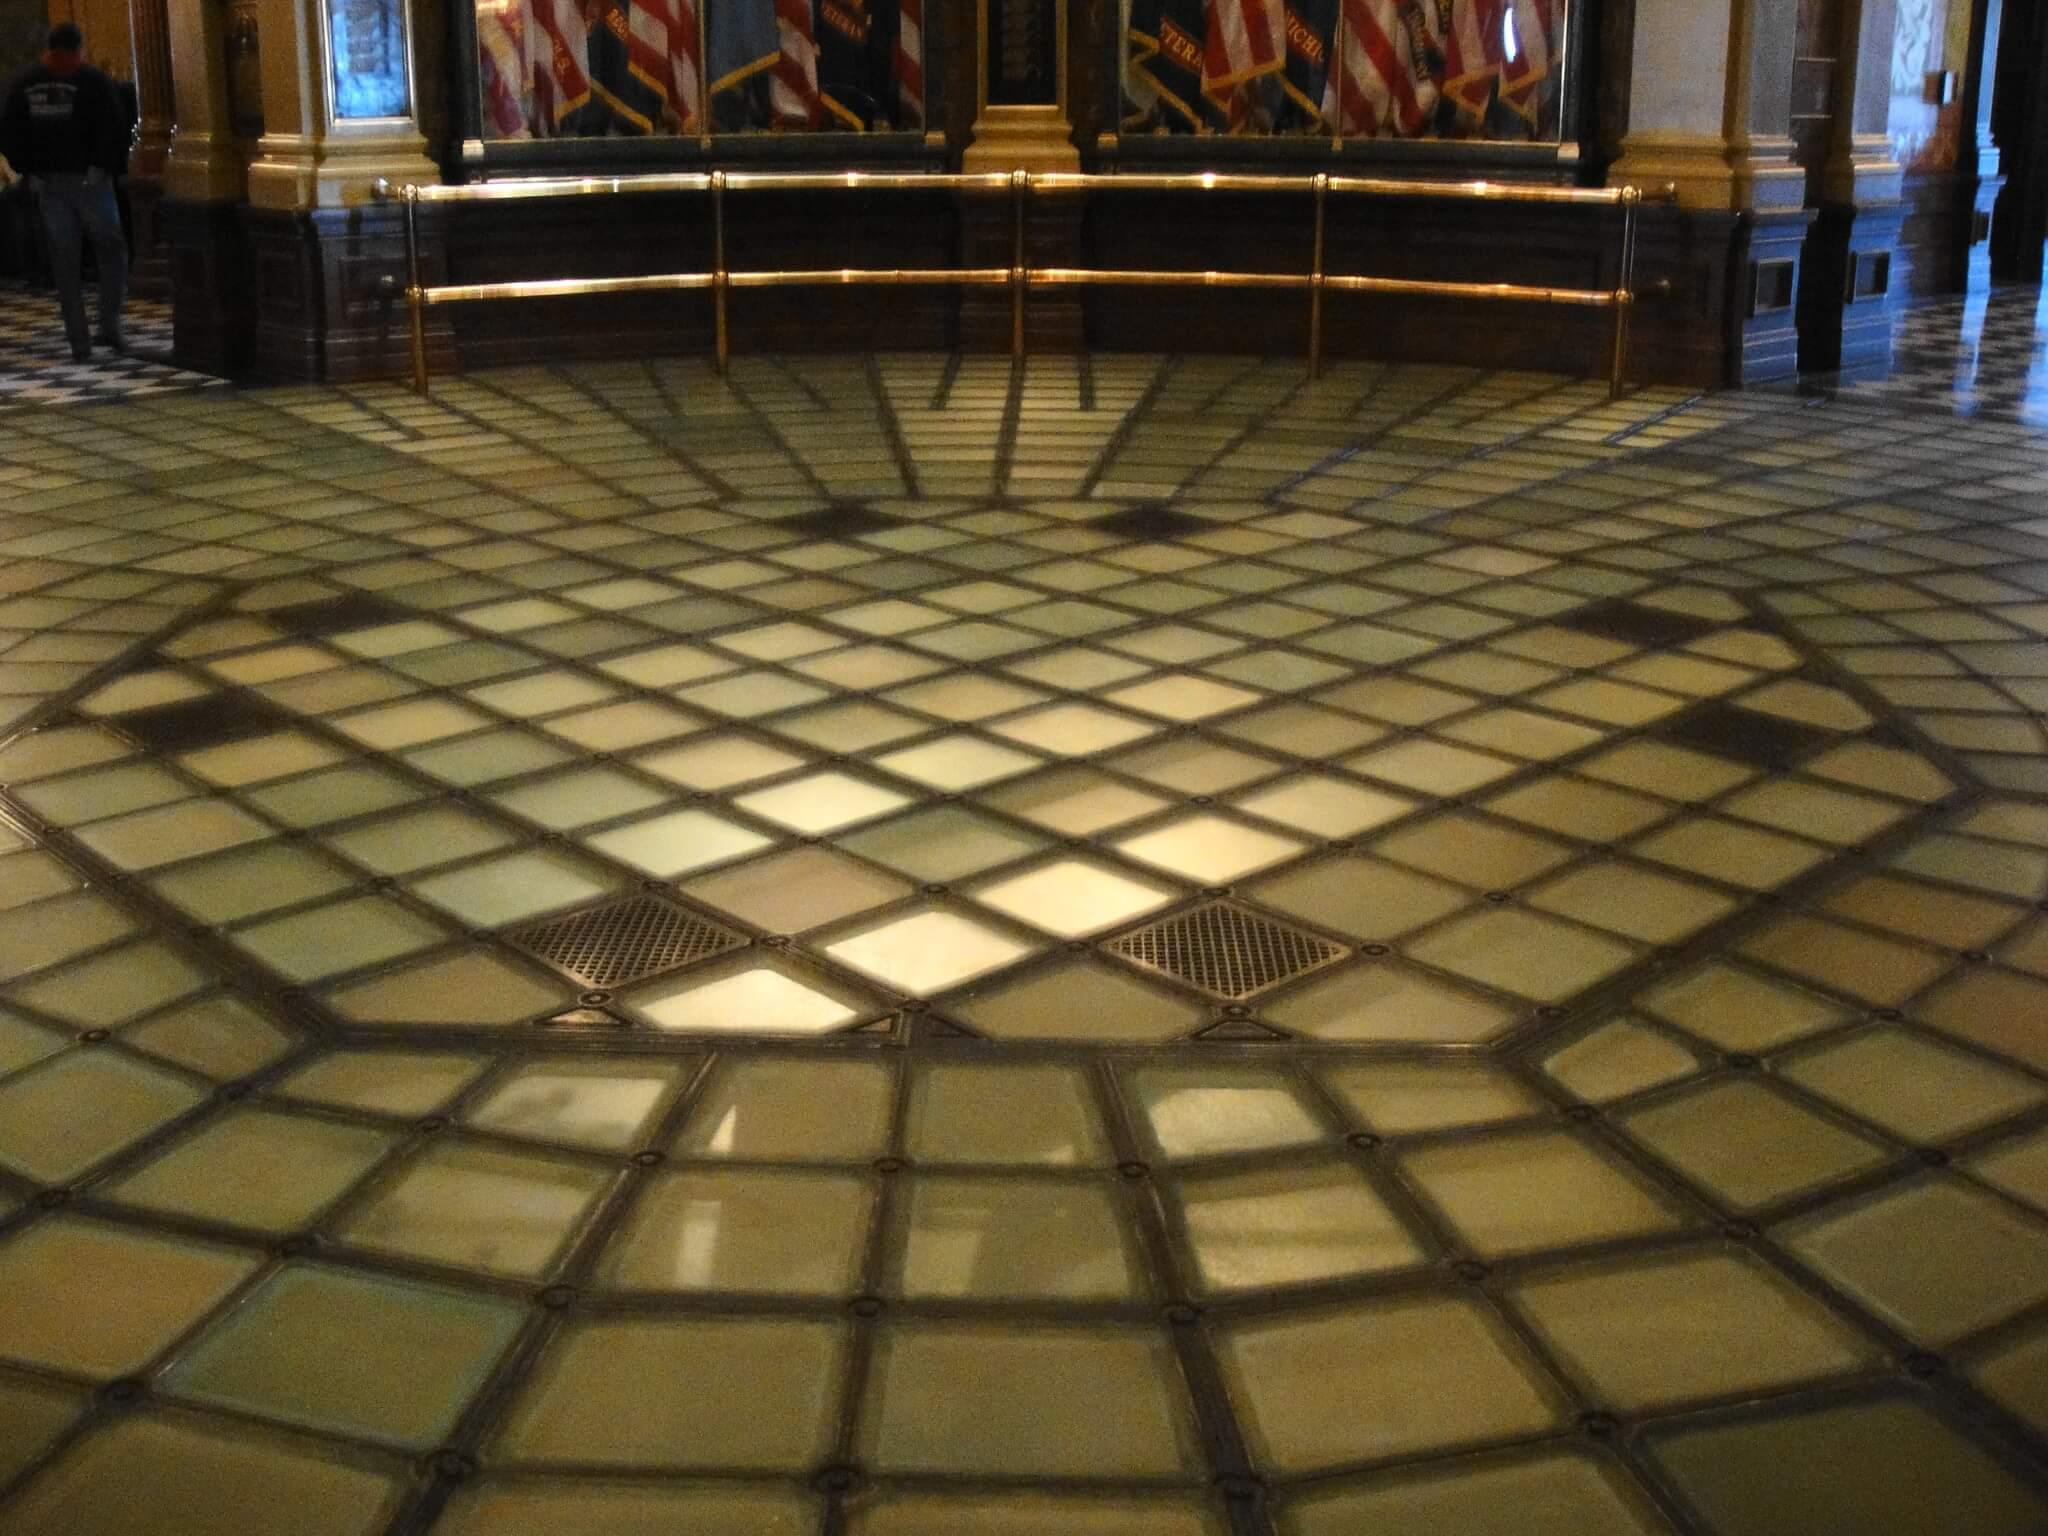 Suelos transparentes de vidrio: innovación y modernidad